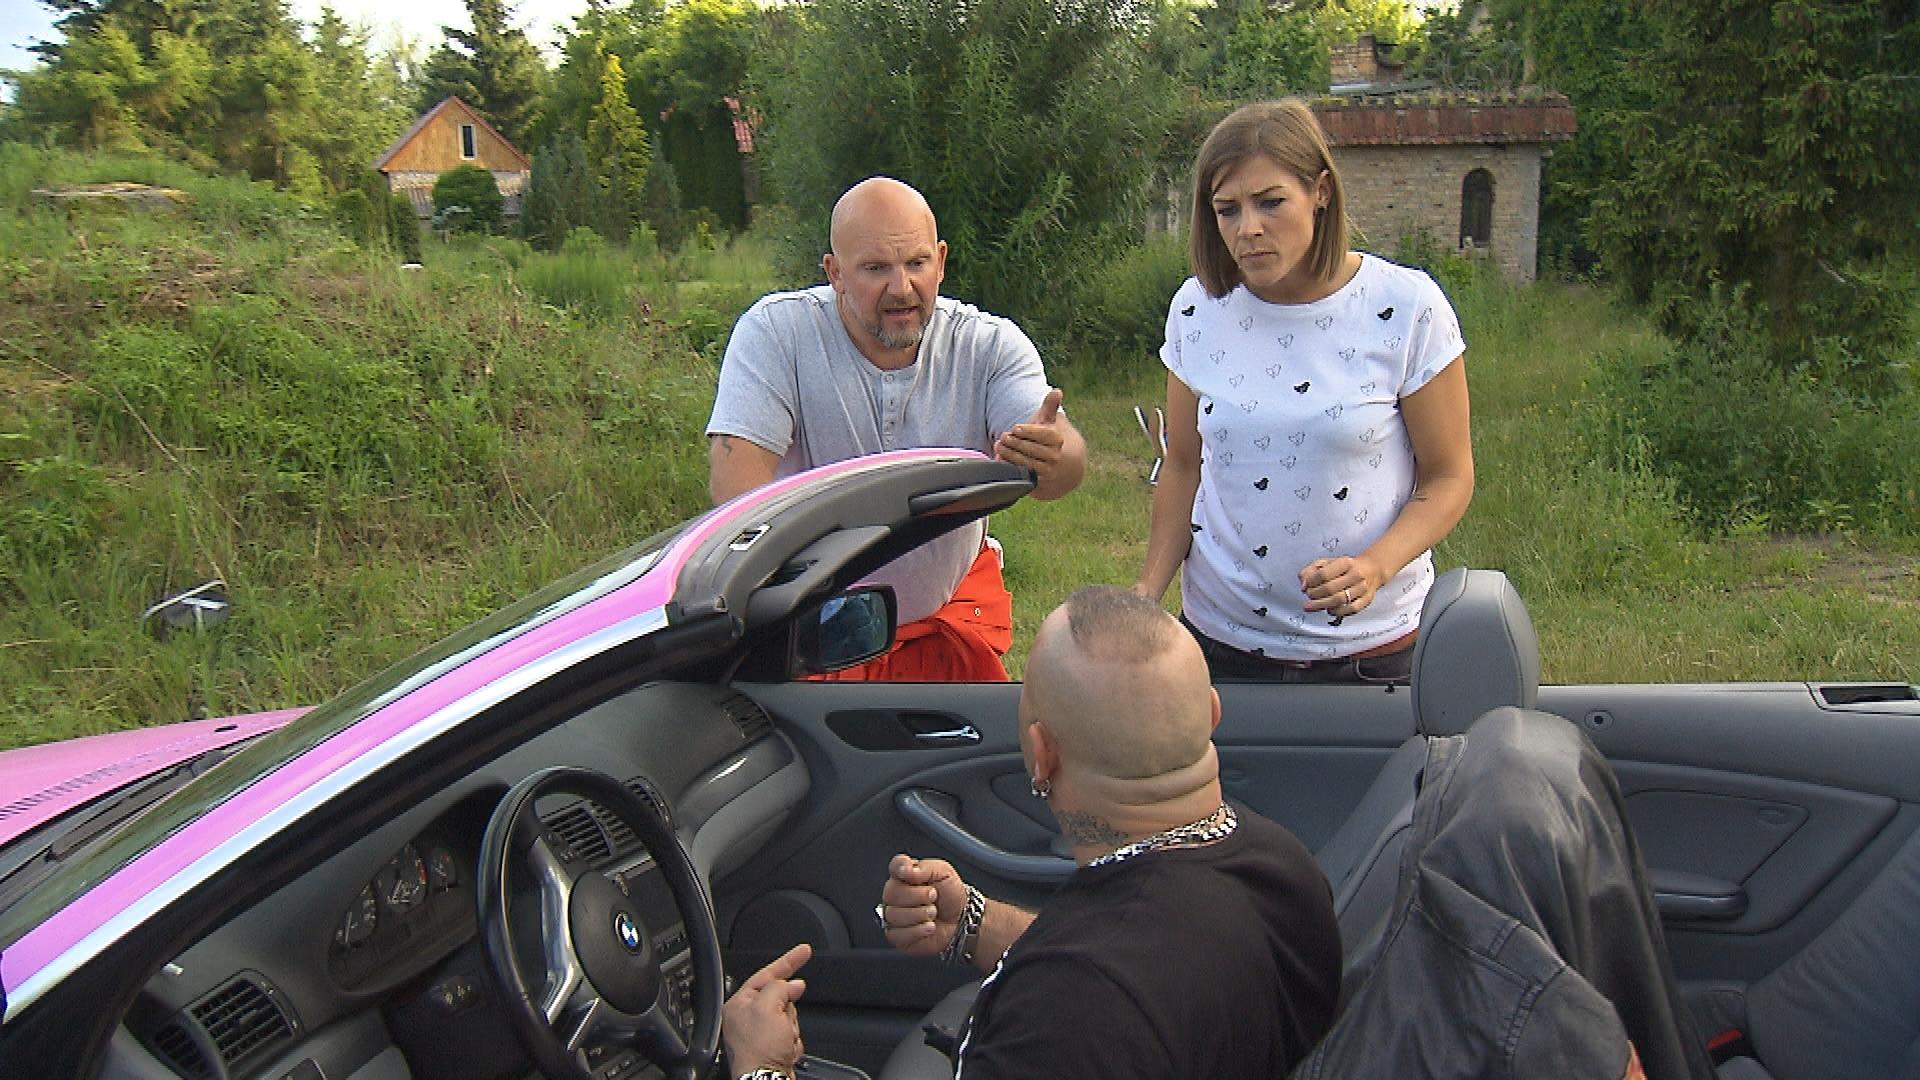 Joe,li. macht seinen Freunden klar, dass es Zeit für sie wird, zurück nach Berlin zu fahren. v.l.n.r.: Fabrizio, Alina, Joe (Quelle: RTL 2)